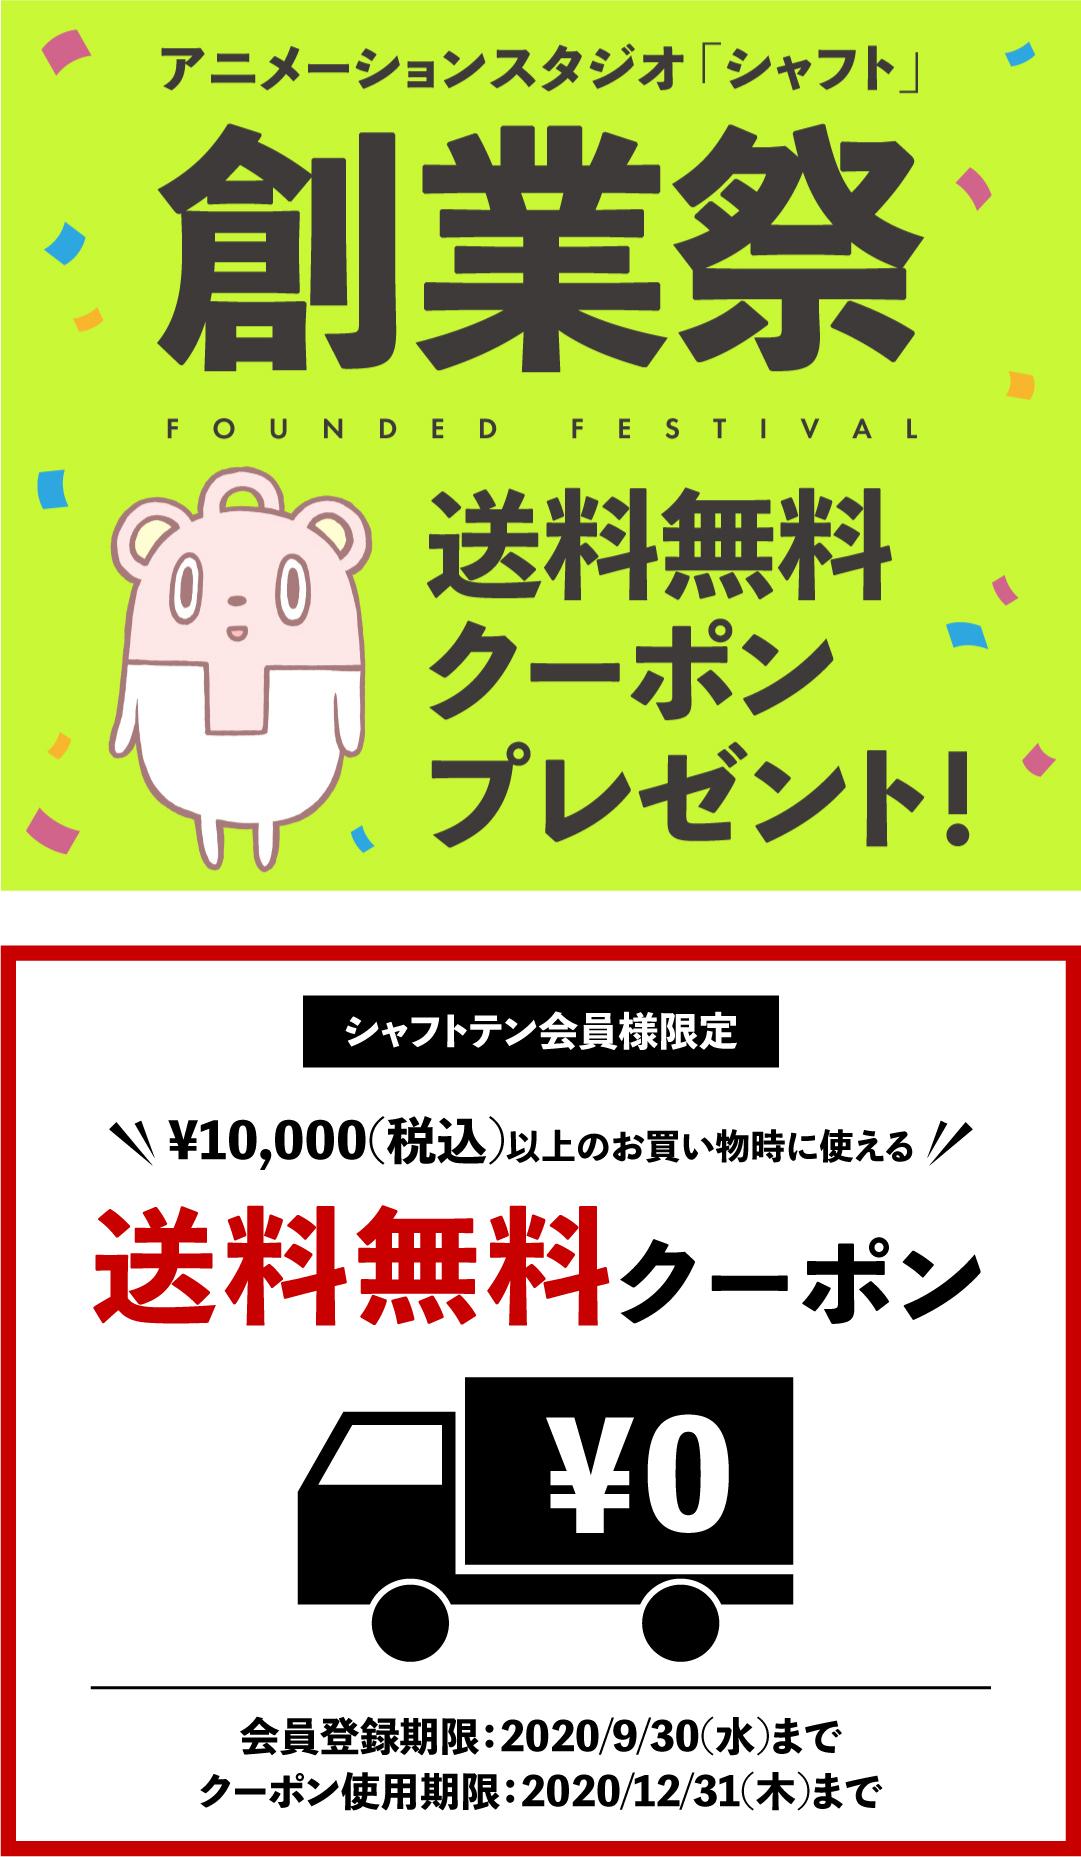 【創業祭!】「送料無料クーポン」プレゼントキャンペーン開催!